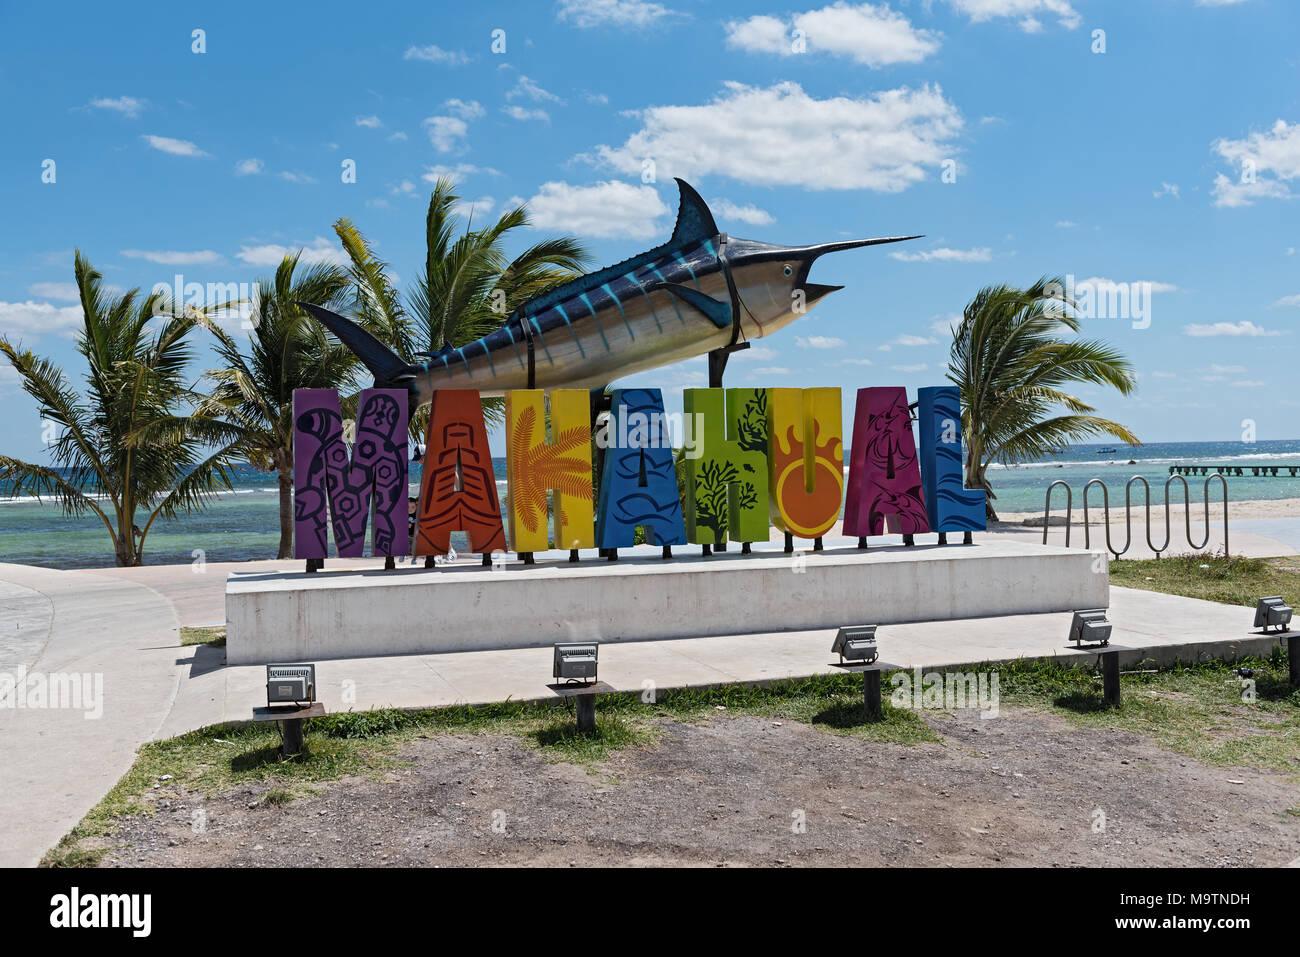 Letras de colores del complejo turístico de Mahahual con pez marlin Imagen De Stock